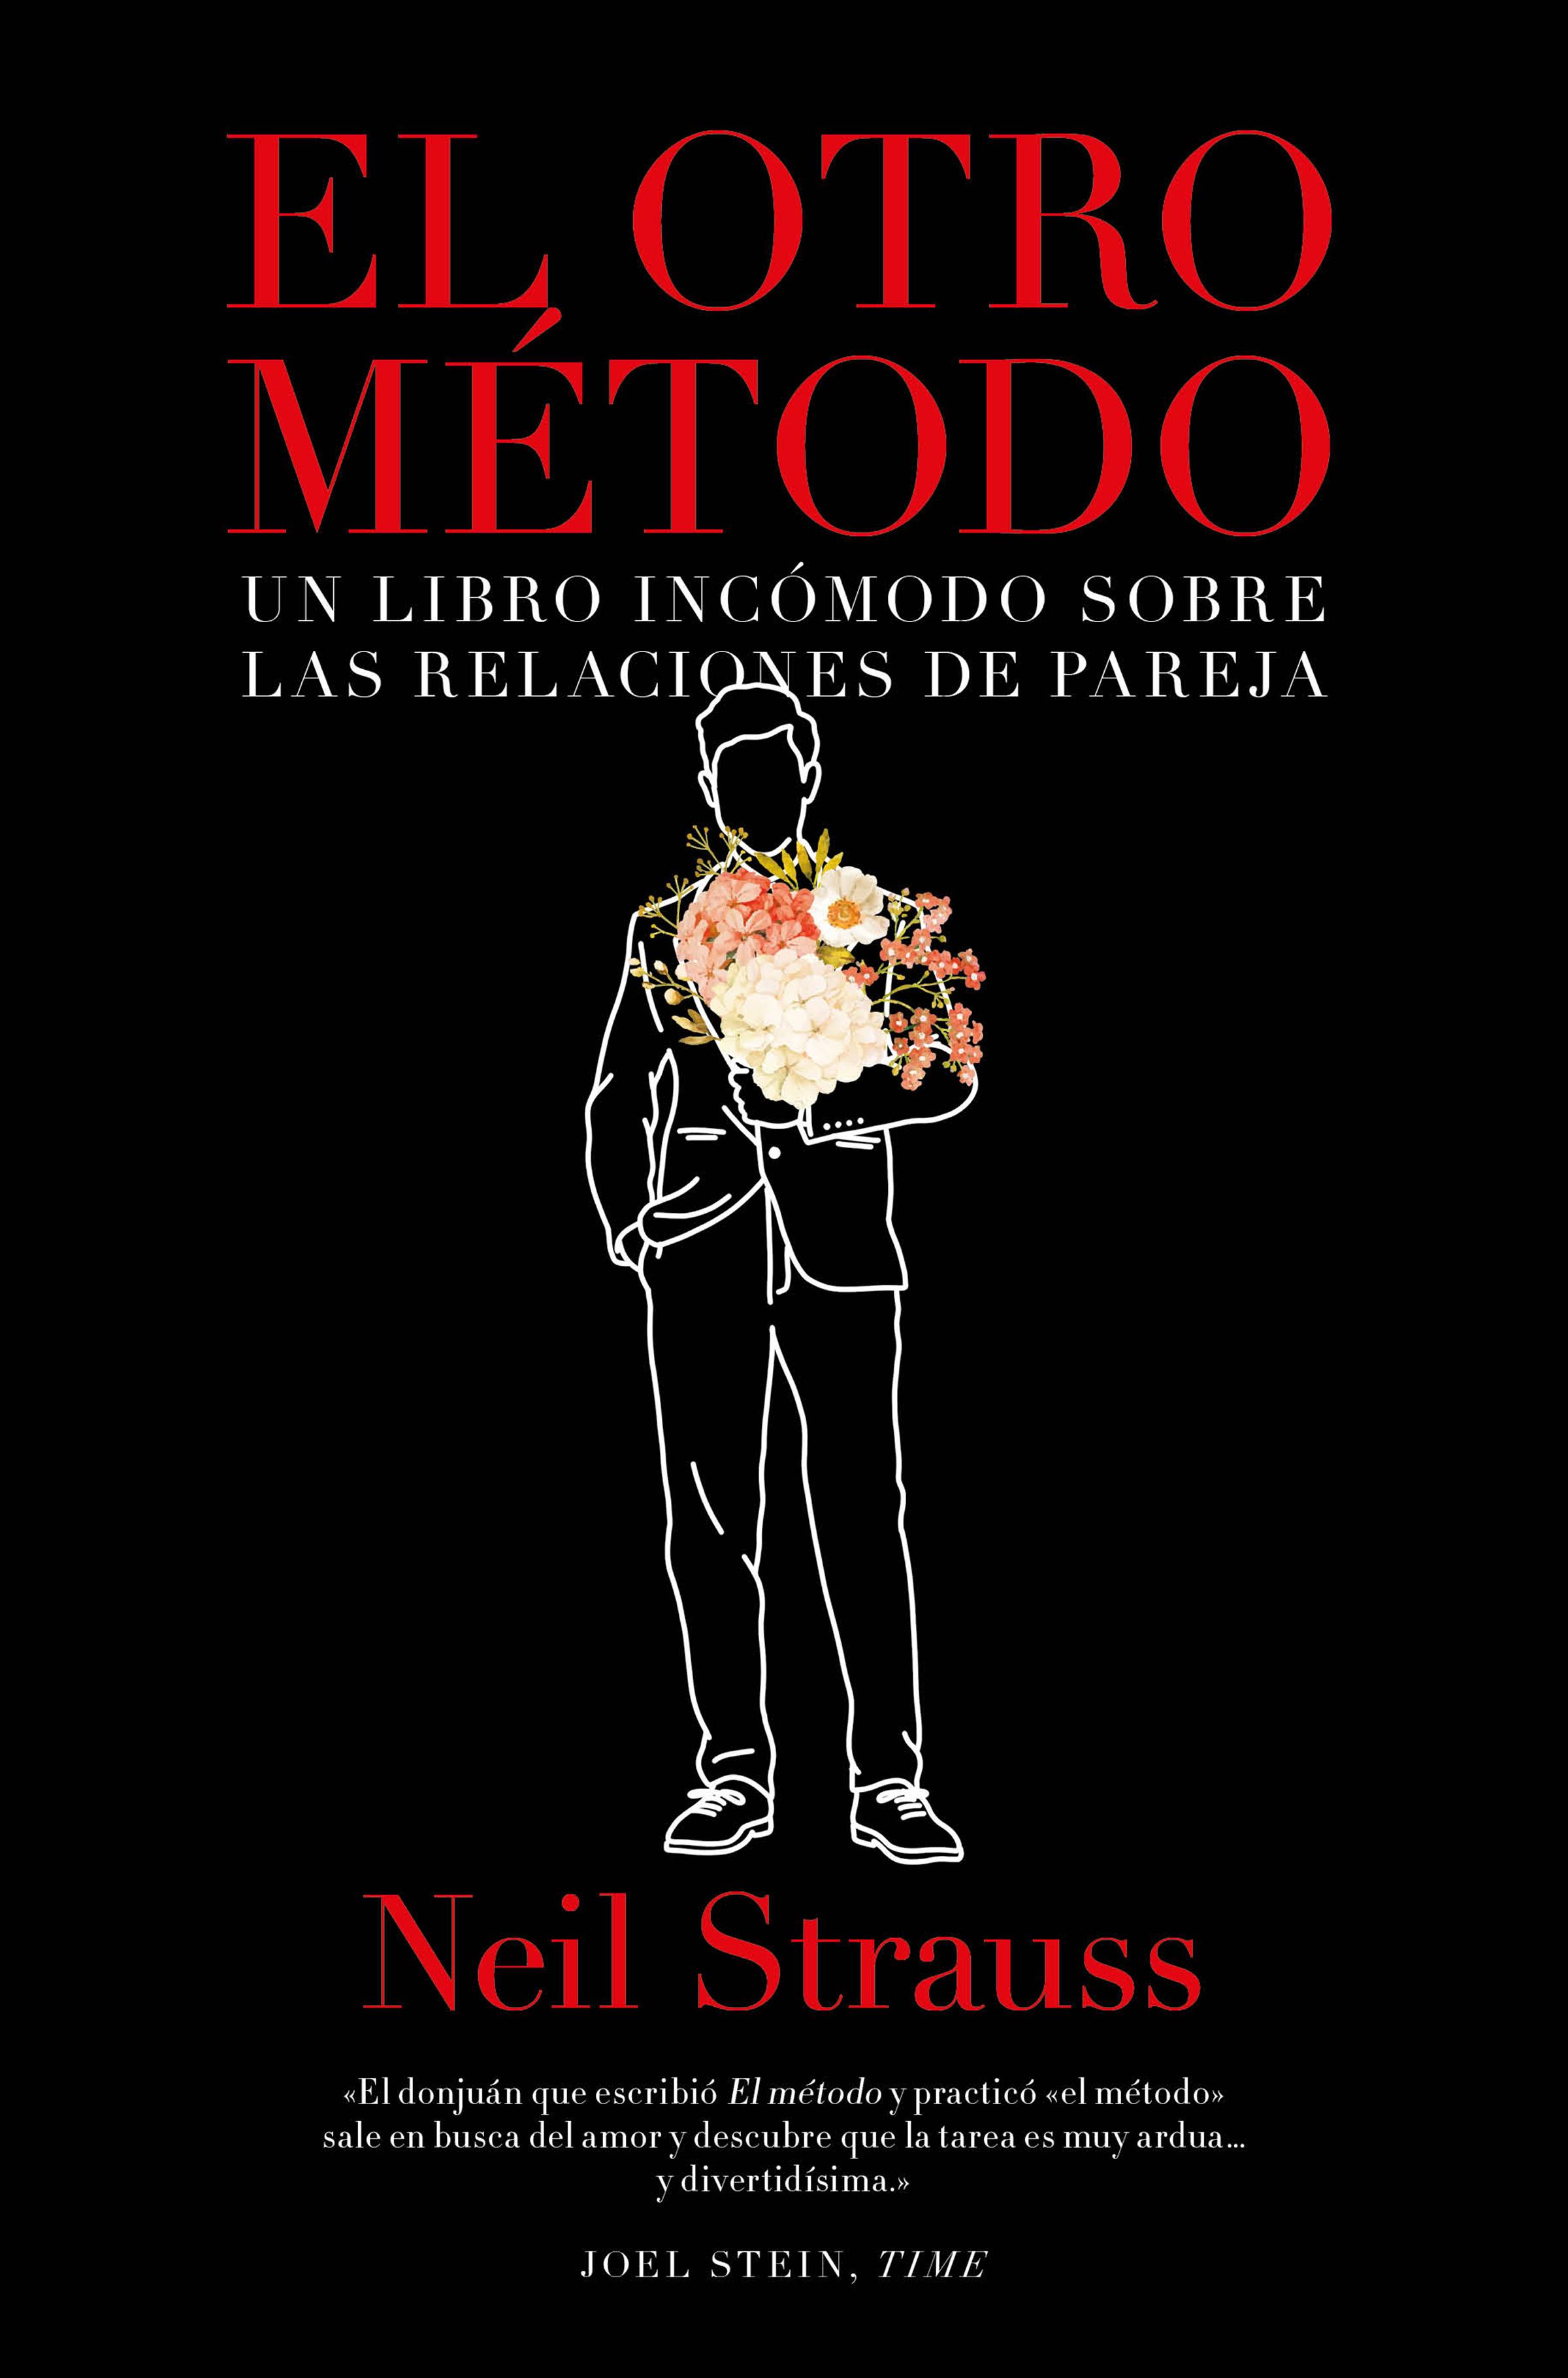 Neil Strauss El otro método el otro barrio